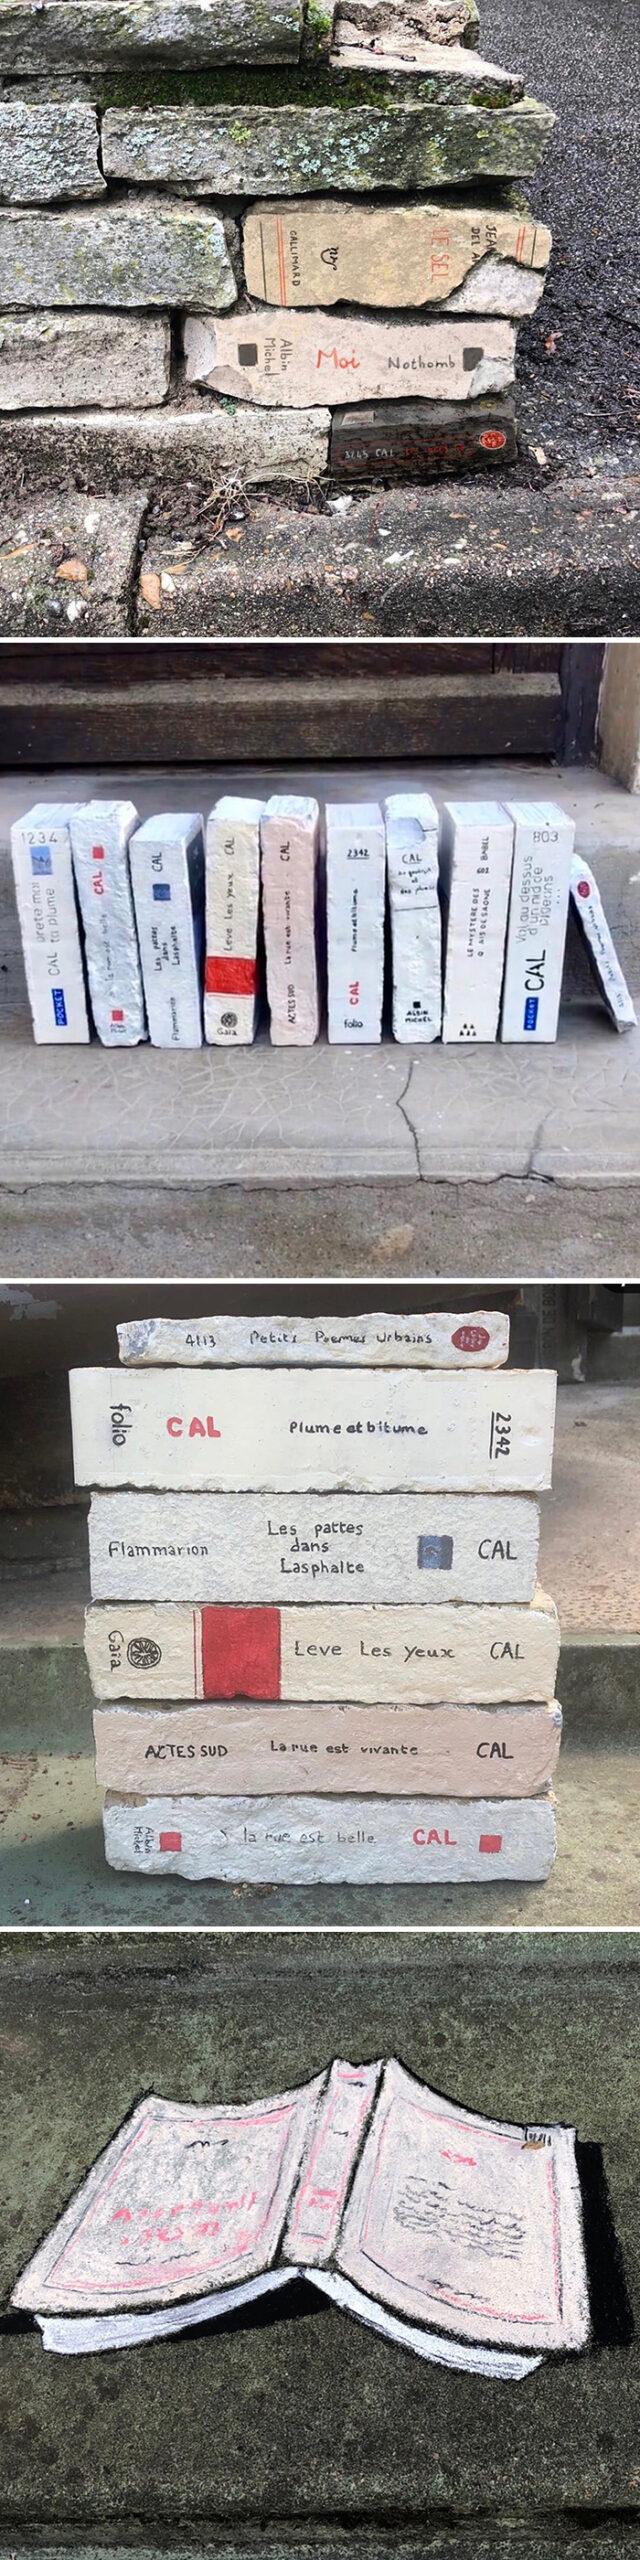 Atos de vandalismo artistico 8